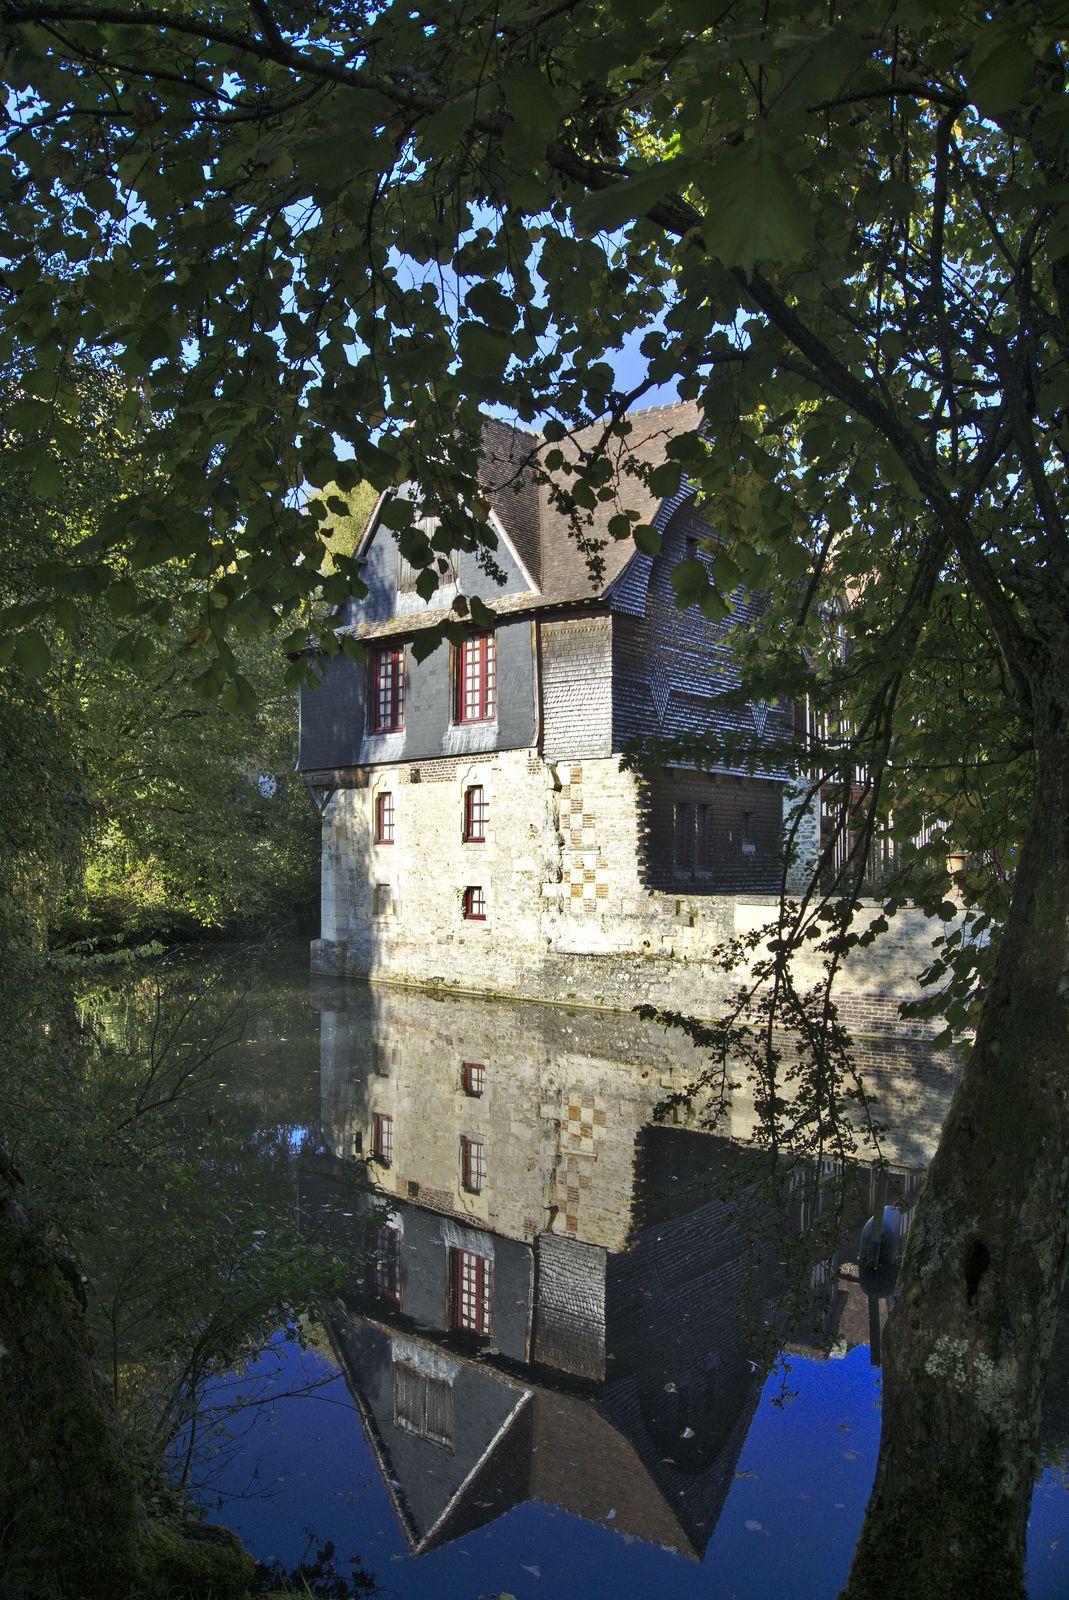 Défi photo 30 jours, 3 mars 2020, reflet, chateau de Saint Germain De Livet